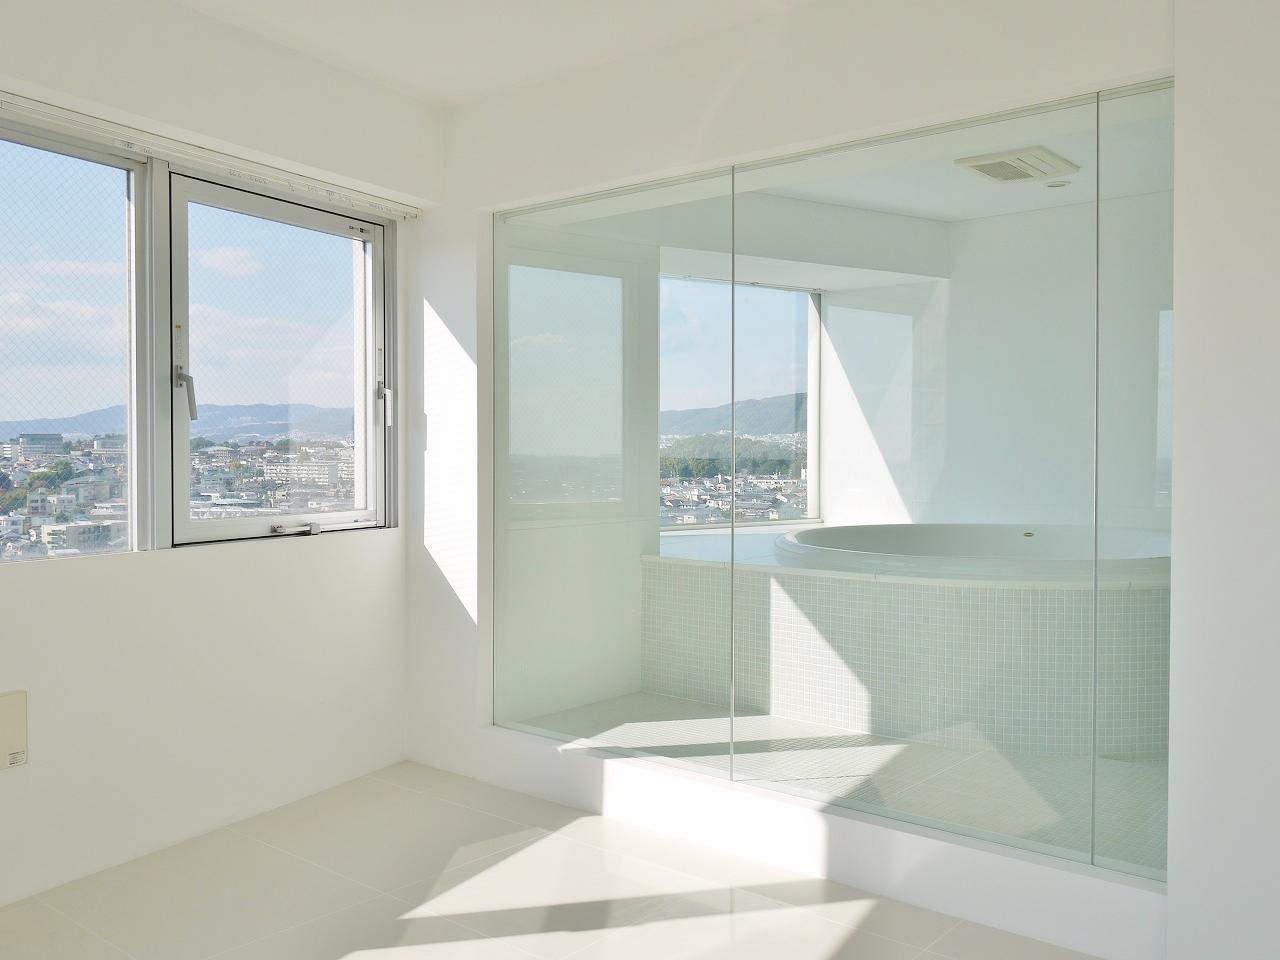 うわーこのバスルーム。夢のよう。